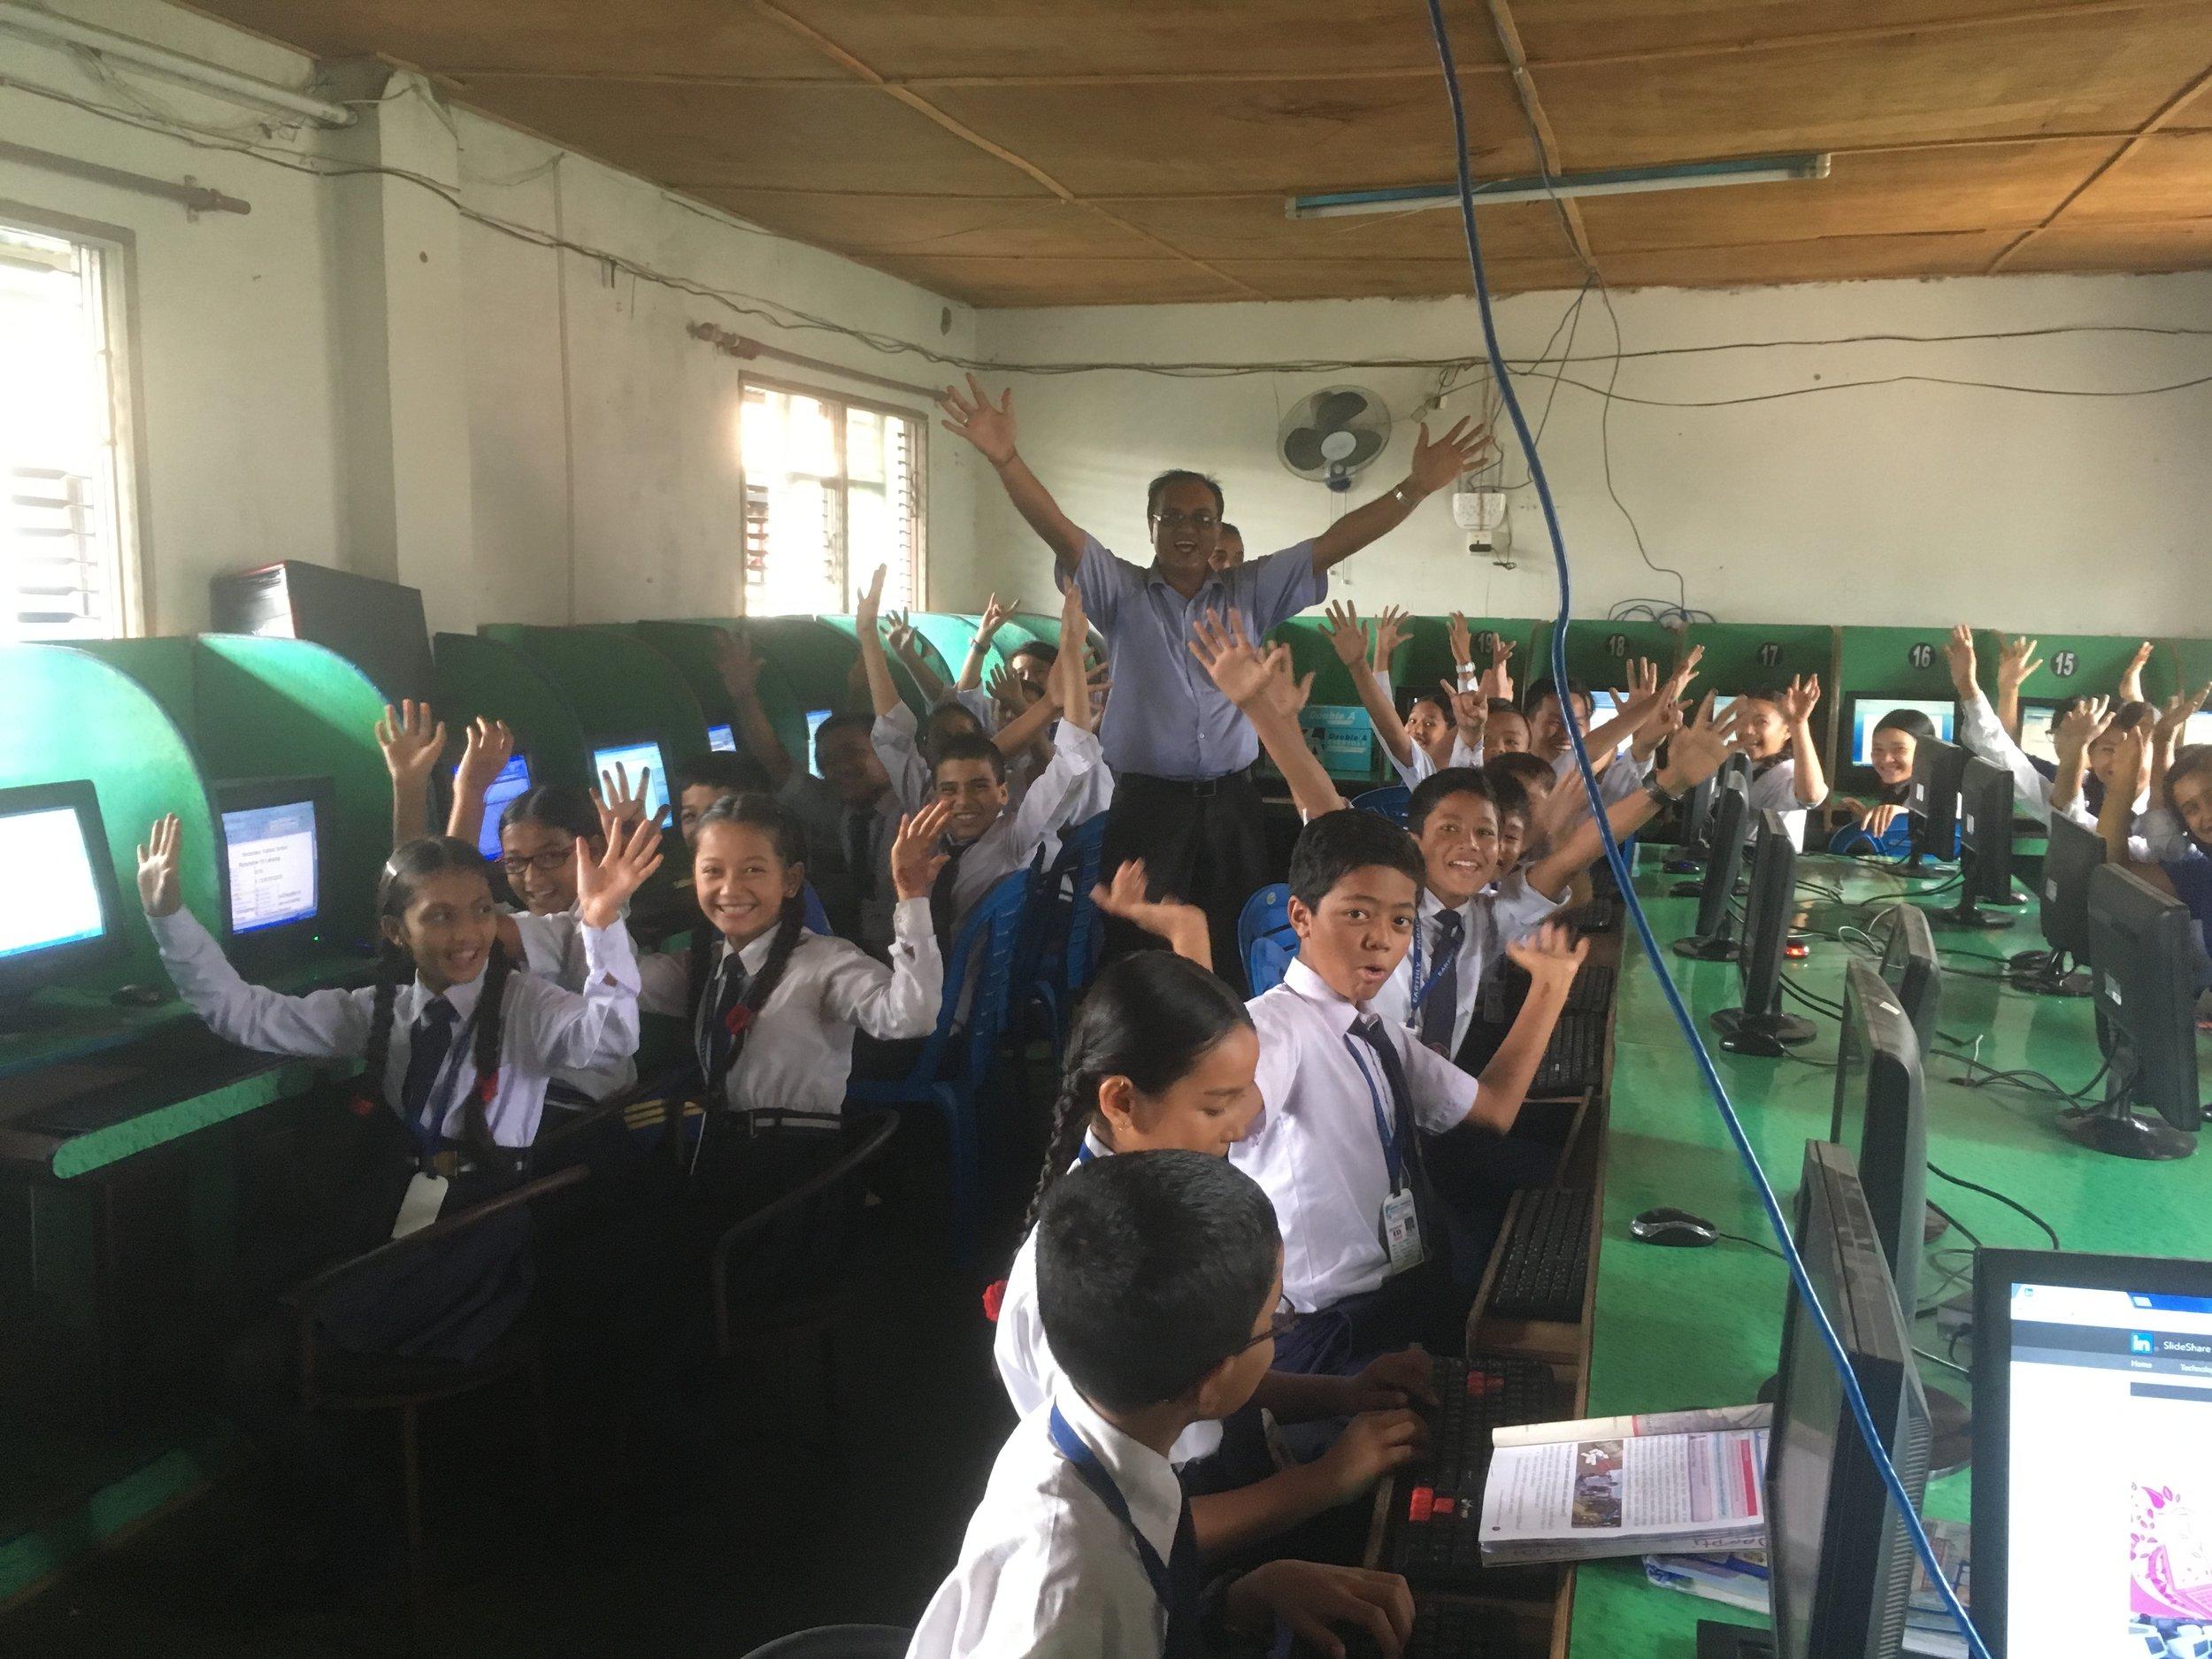 The school computer room